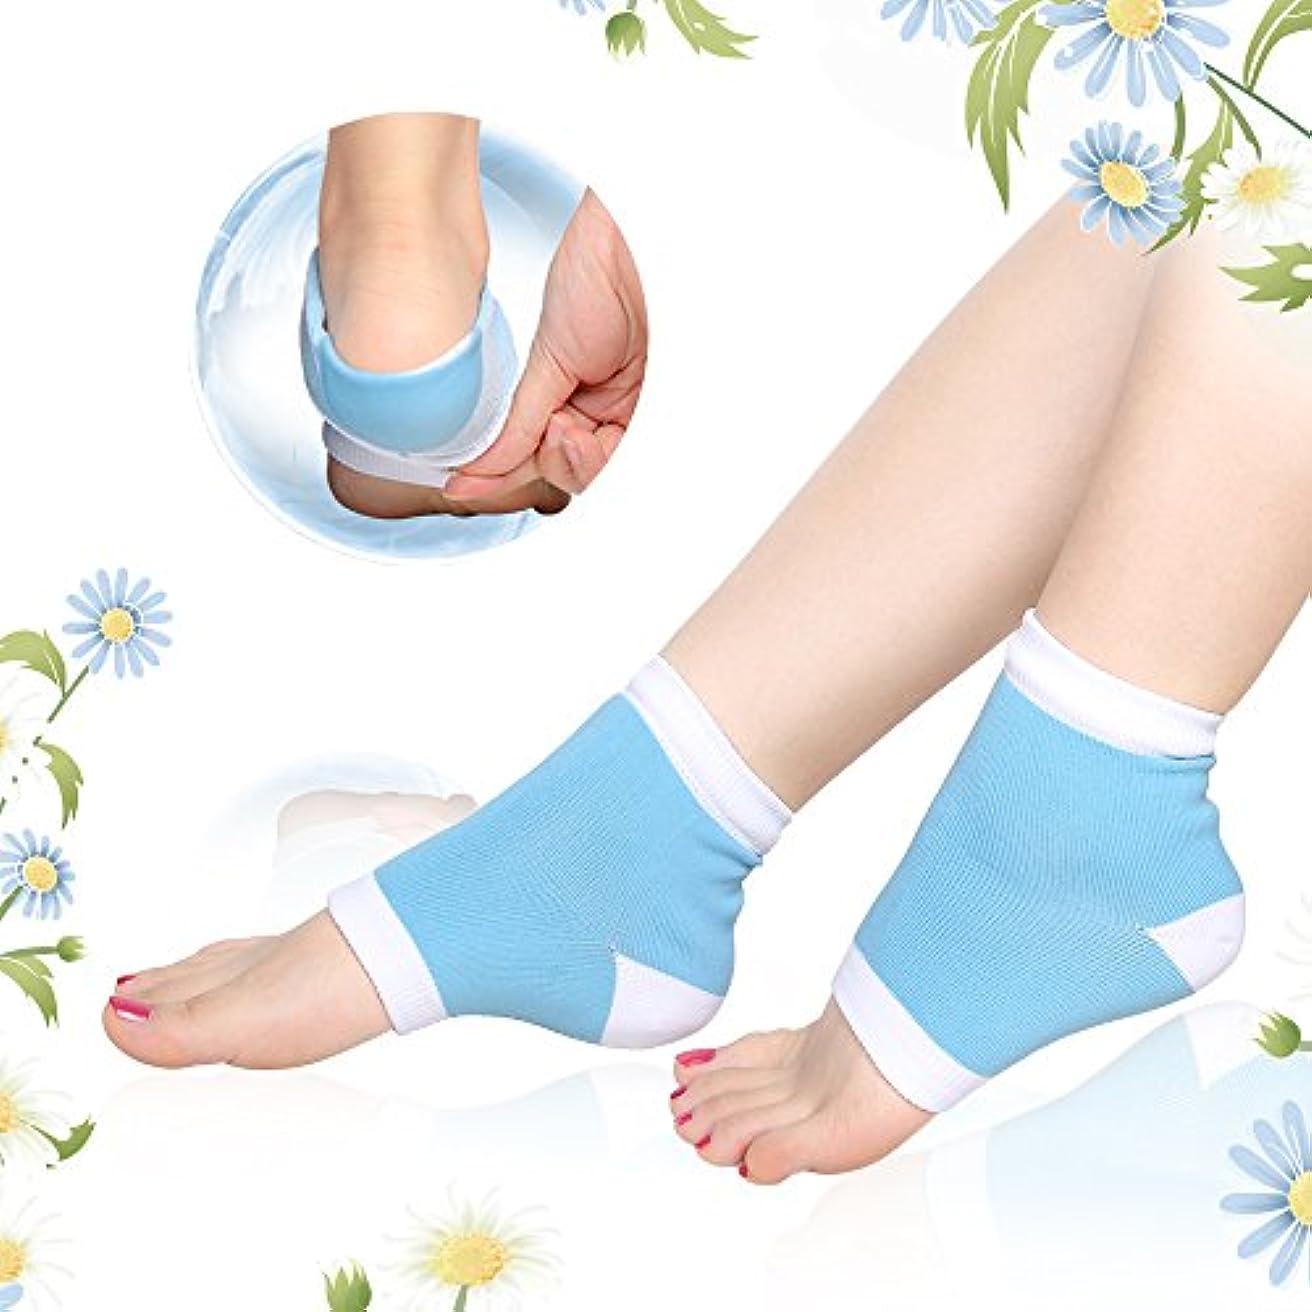 最小化する戻る写真かかとケア 靴下, ひび/角質ケア 保湿 ソックス うるおい 足首用サポーター フットケア グッズ ヨガソックス 左右セット フリーサイズ By Dr.Orem